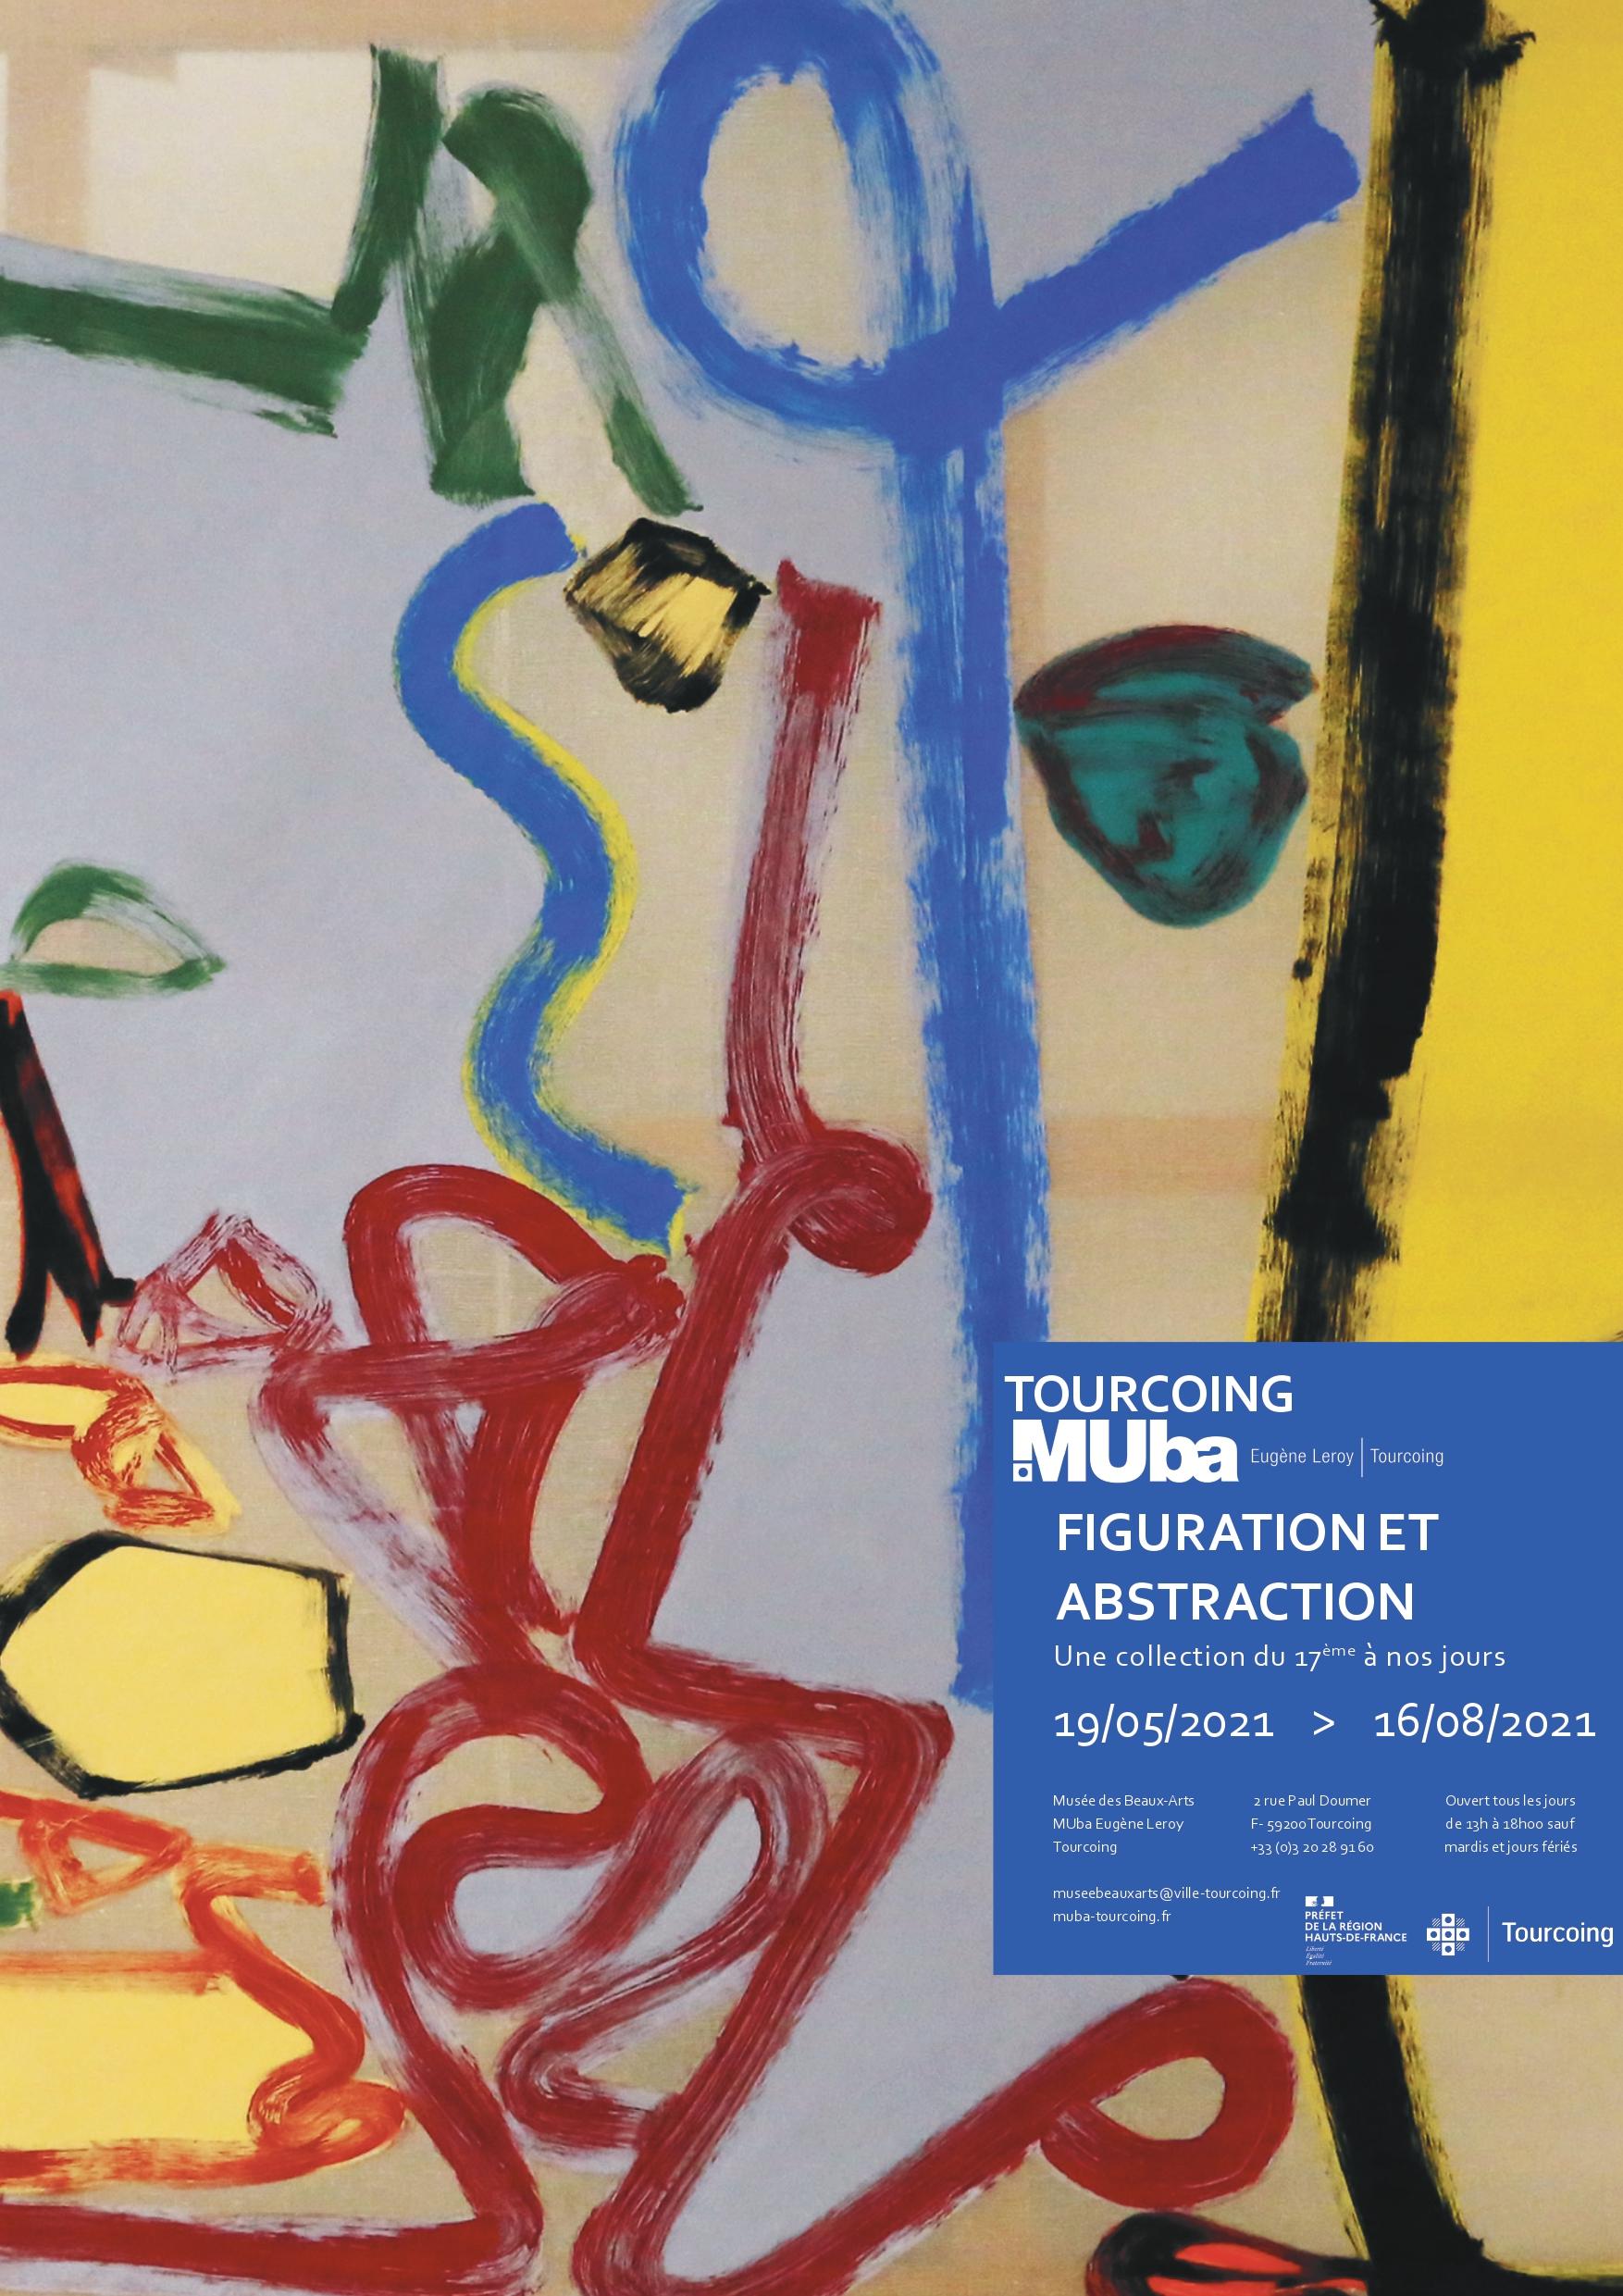 L'expo «Figuration et abstraction» au MUba Eugène Leroy